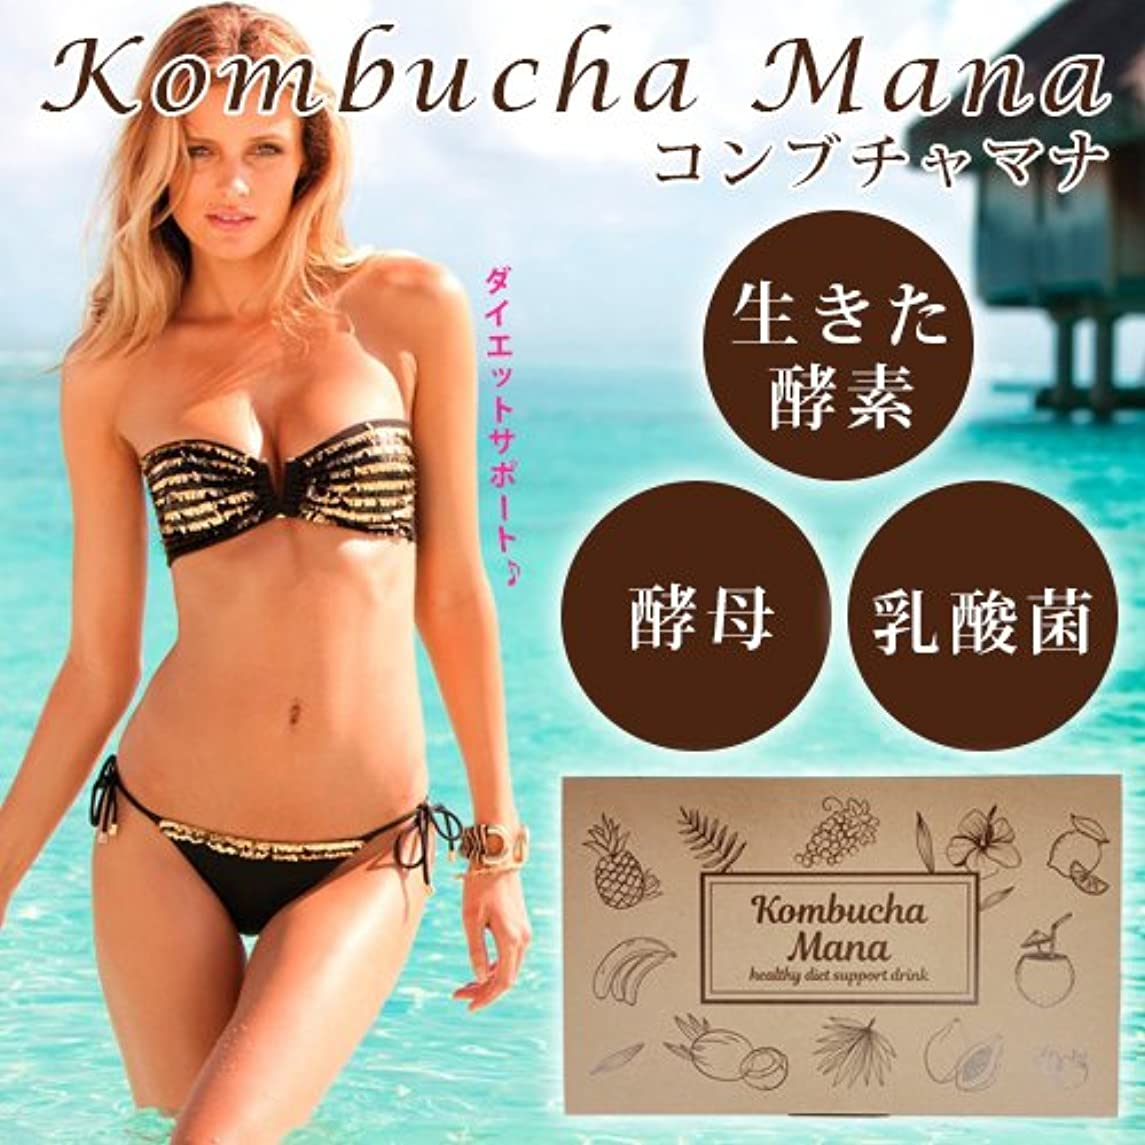 手錠コンパイル参加するコンブチャマナ(Kombucha Mana)ダイエットクレンジングドリンク (1箱)